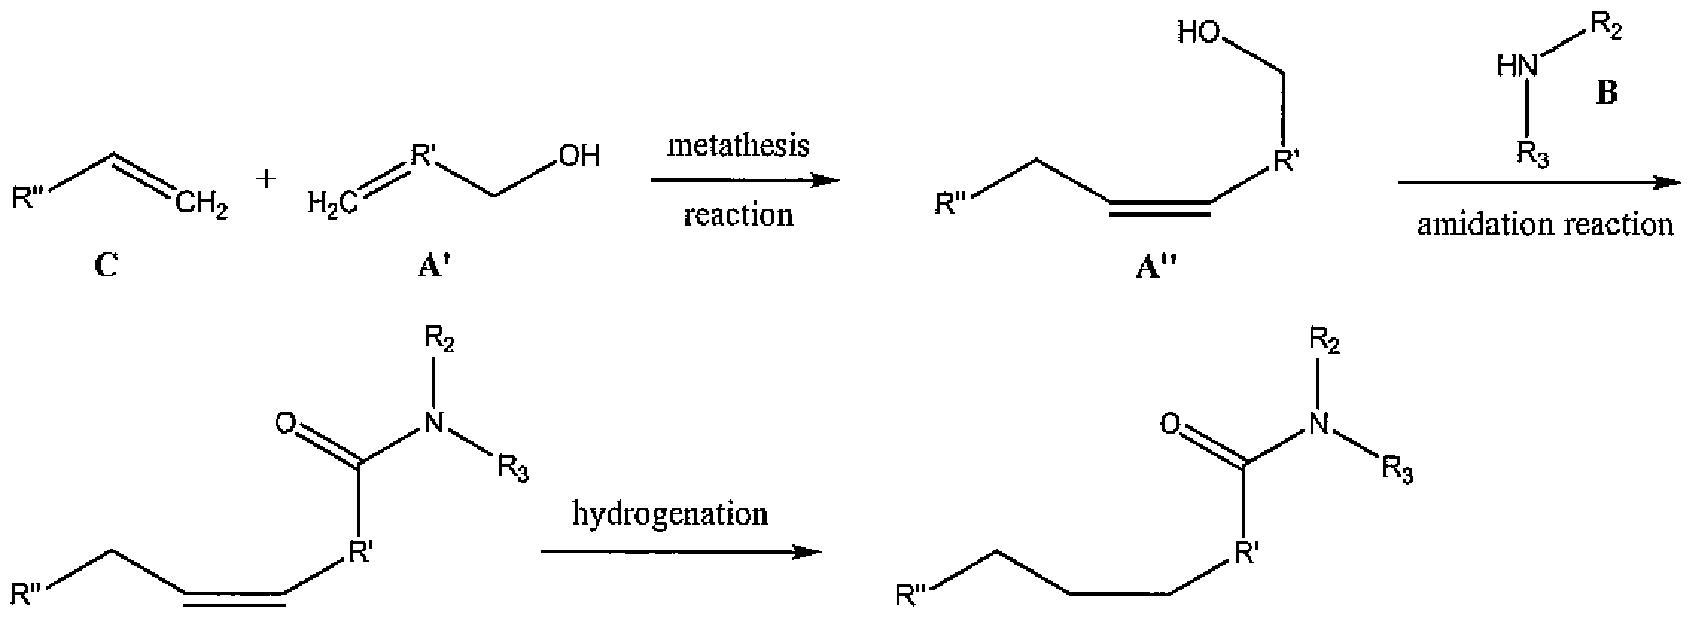 sigma bond metathesis iridium